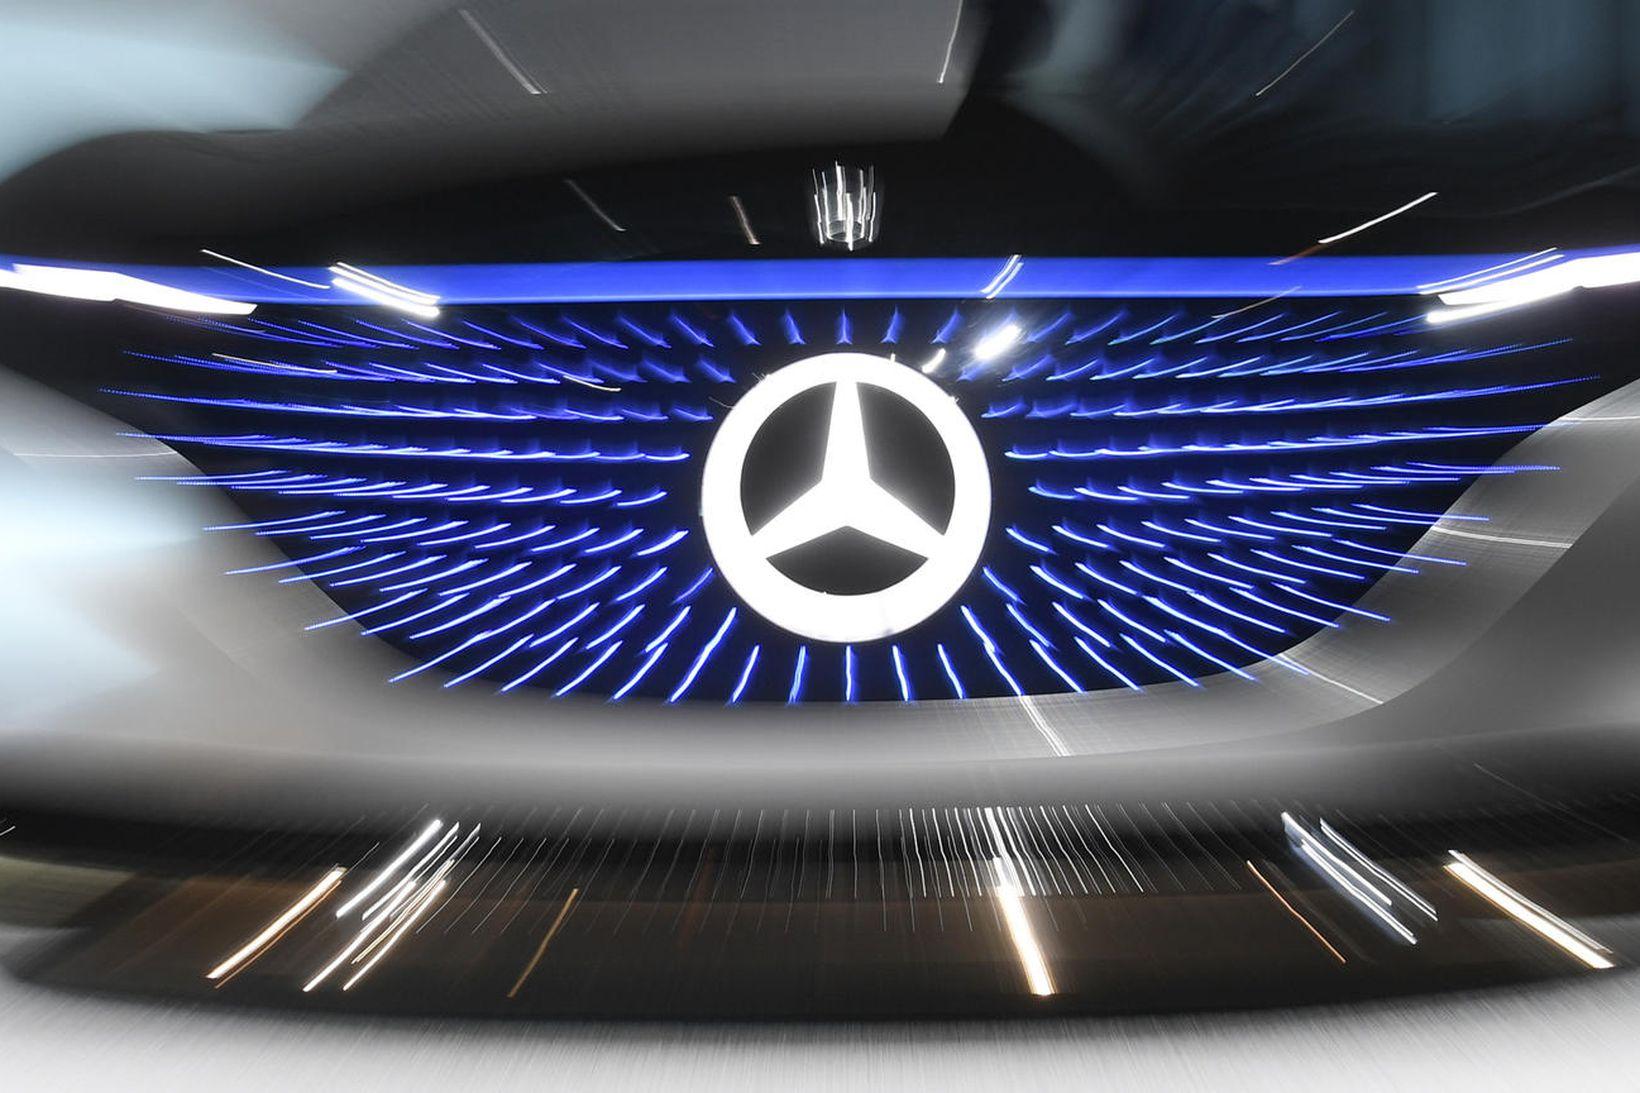 Daimler hefur fallist á að borga 300 milljarða vegna dísilfúsks …